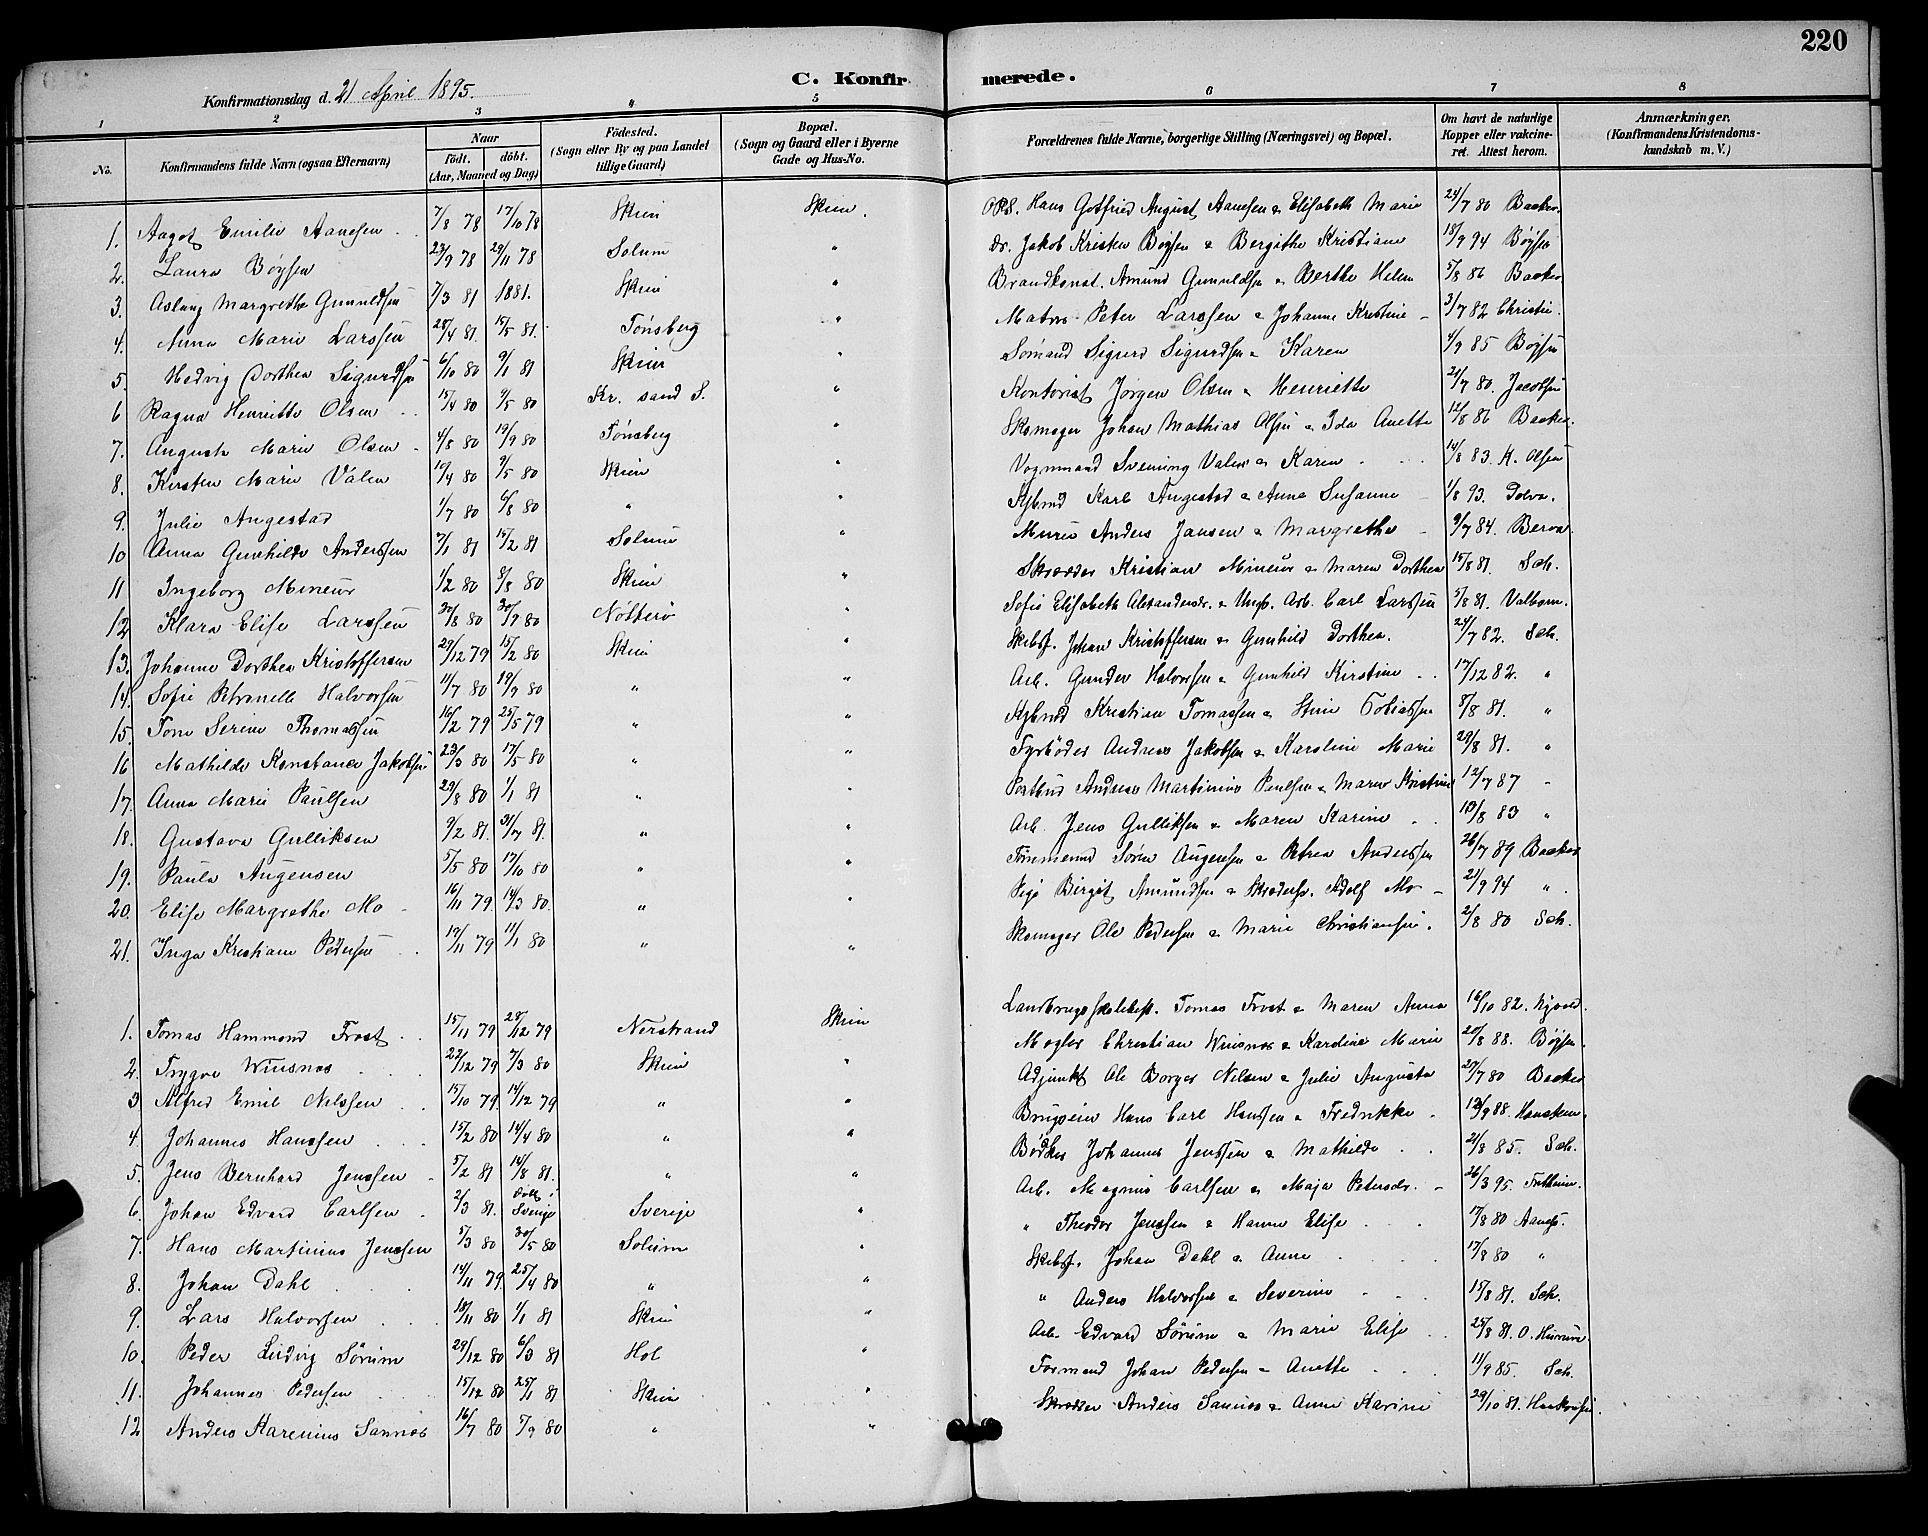 SAKO, Skien kirkebøker, G/Ga/L0007: Klokkerbok nr. 7, 1891-1900, s. 220